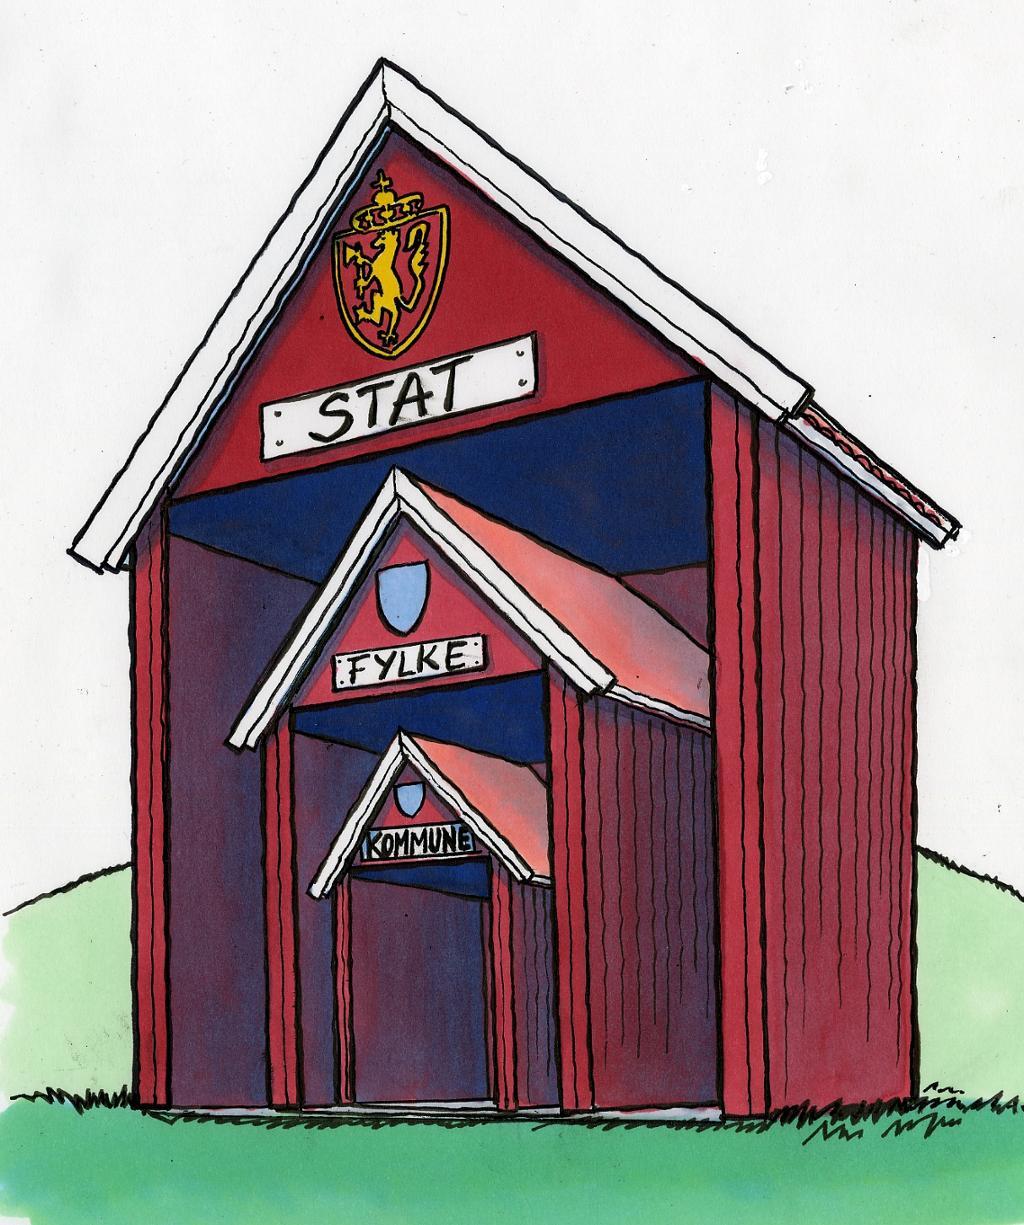 """Tre røde hus der det største huset rommer det mellomste huset som igjen rommer det minste huset. Det største heter """"Stat"""", det mellomste heter """"Fylke"""" og det minste heter """"Kommune"""". Illustrasjon."""